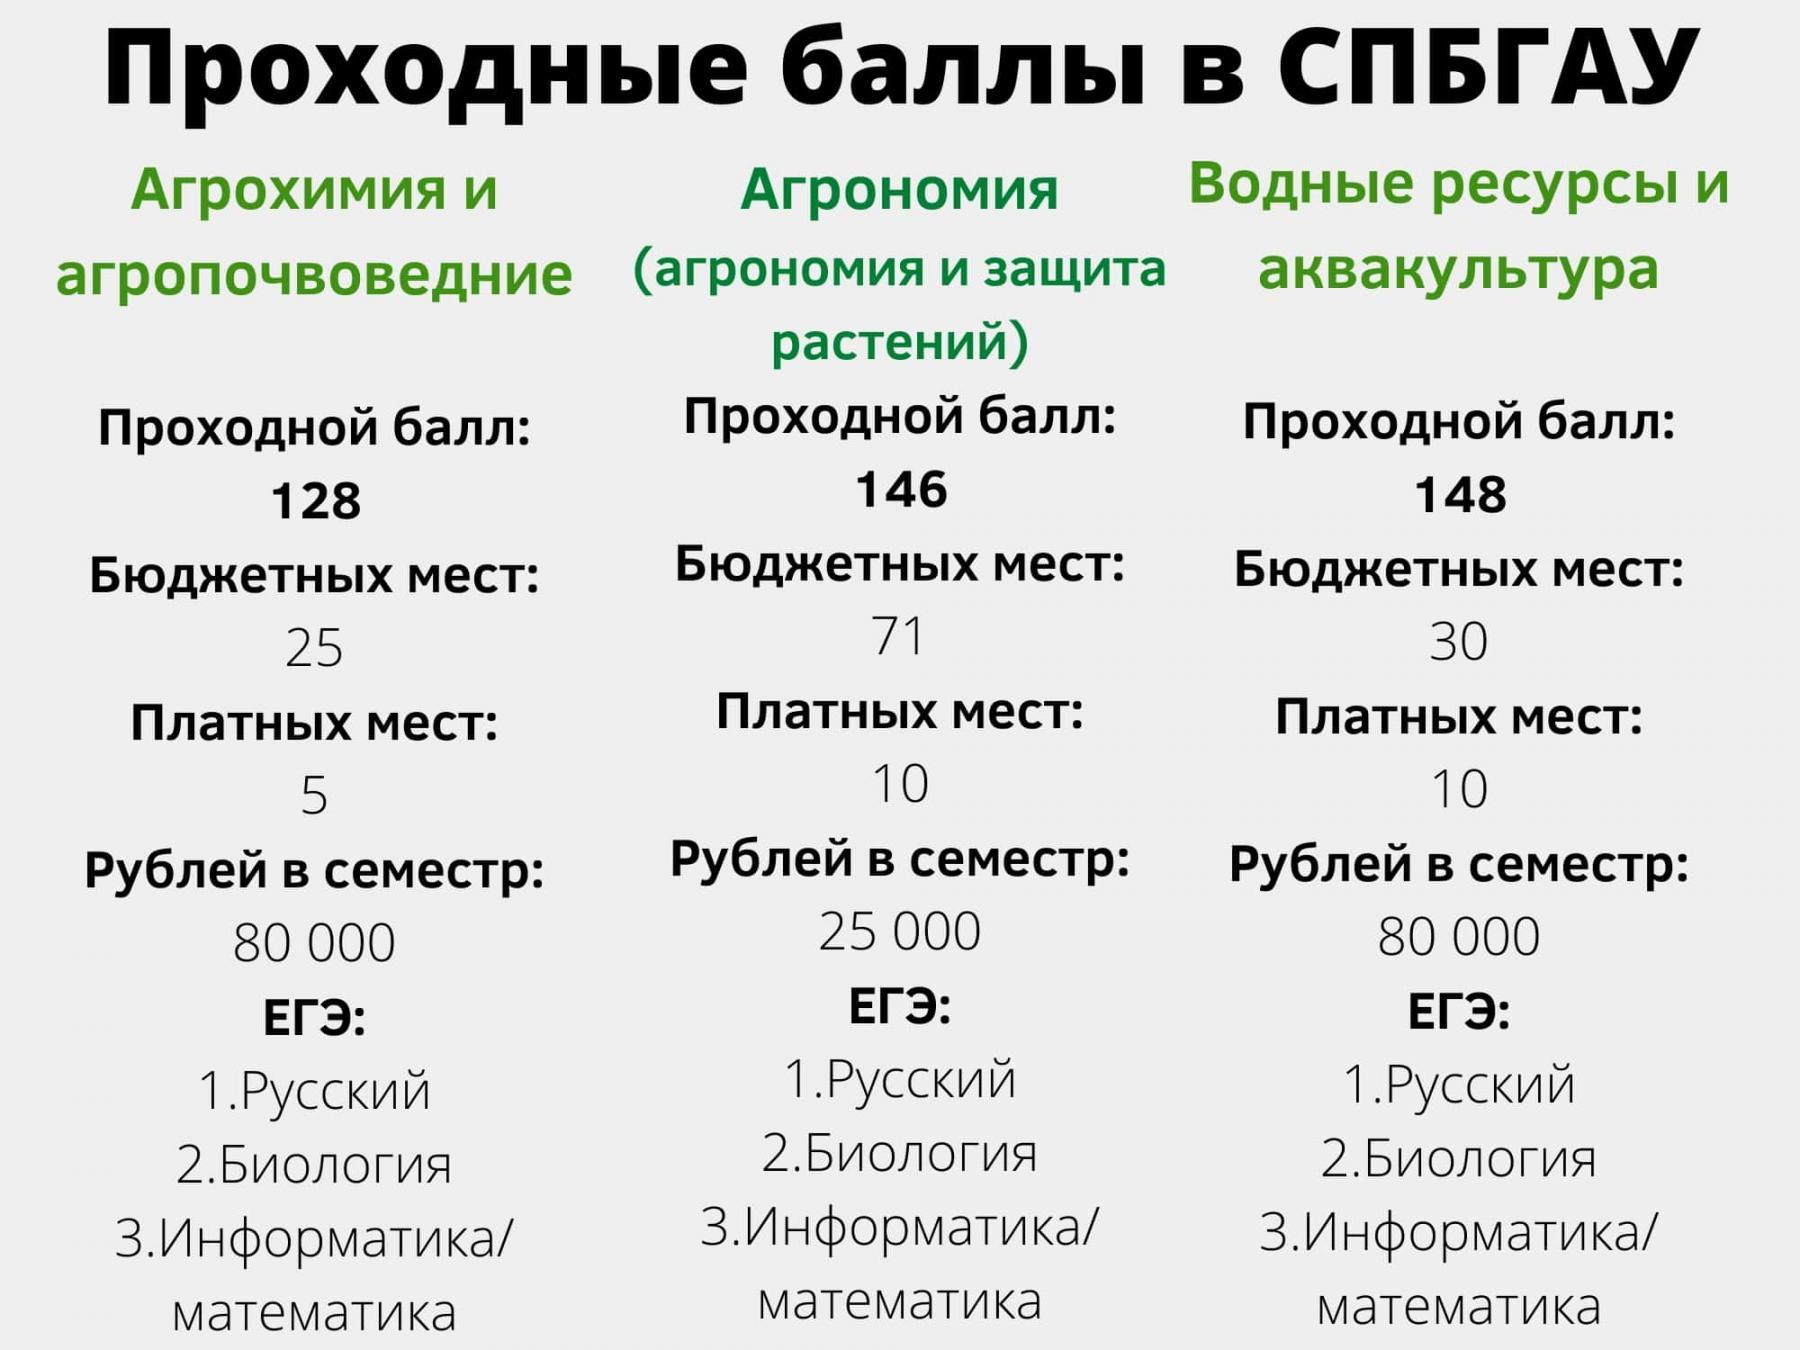 фото 7 вузов Санкт-Петербурга с самыми низкими баллами ЕГЭ на бюджет летом 2021 года 2